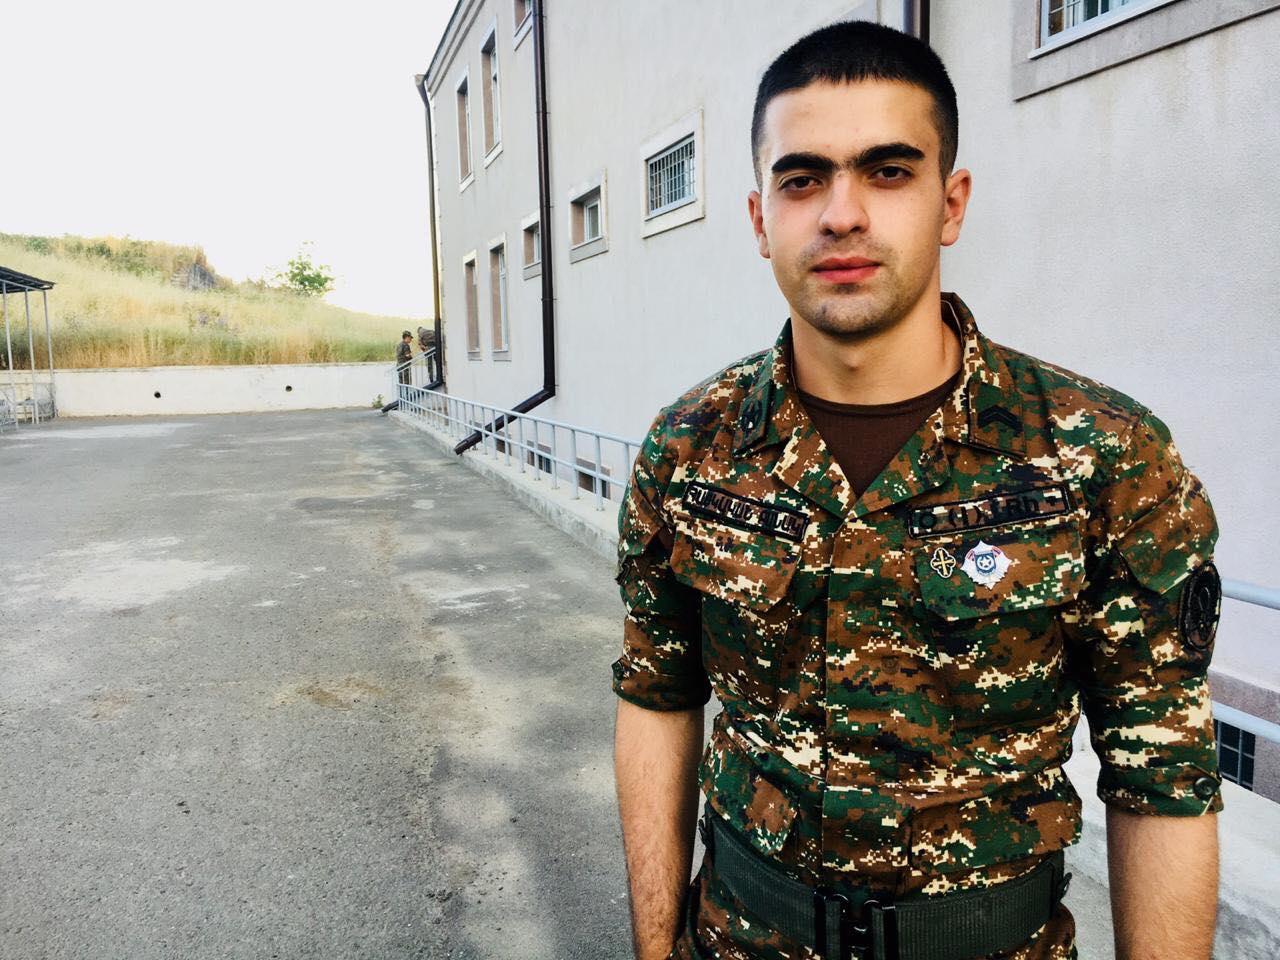 Photo of «Աղջիկ գտե՞լ ես, որ գամ ամուսնանամ, ուզում եմ երեխաներ ունենալ». գյումրեցի հերոսը իր կյանքը զոհեց հանուն հայրենիքի